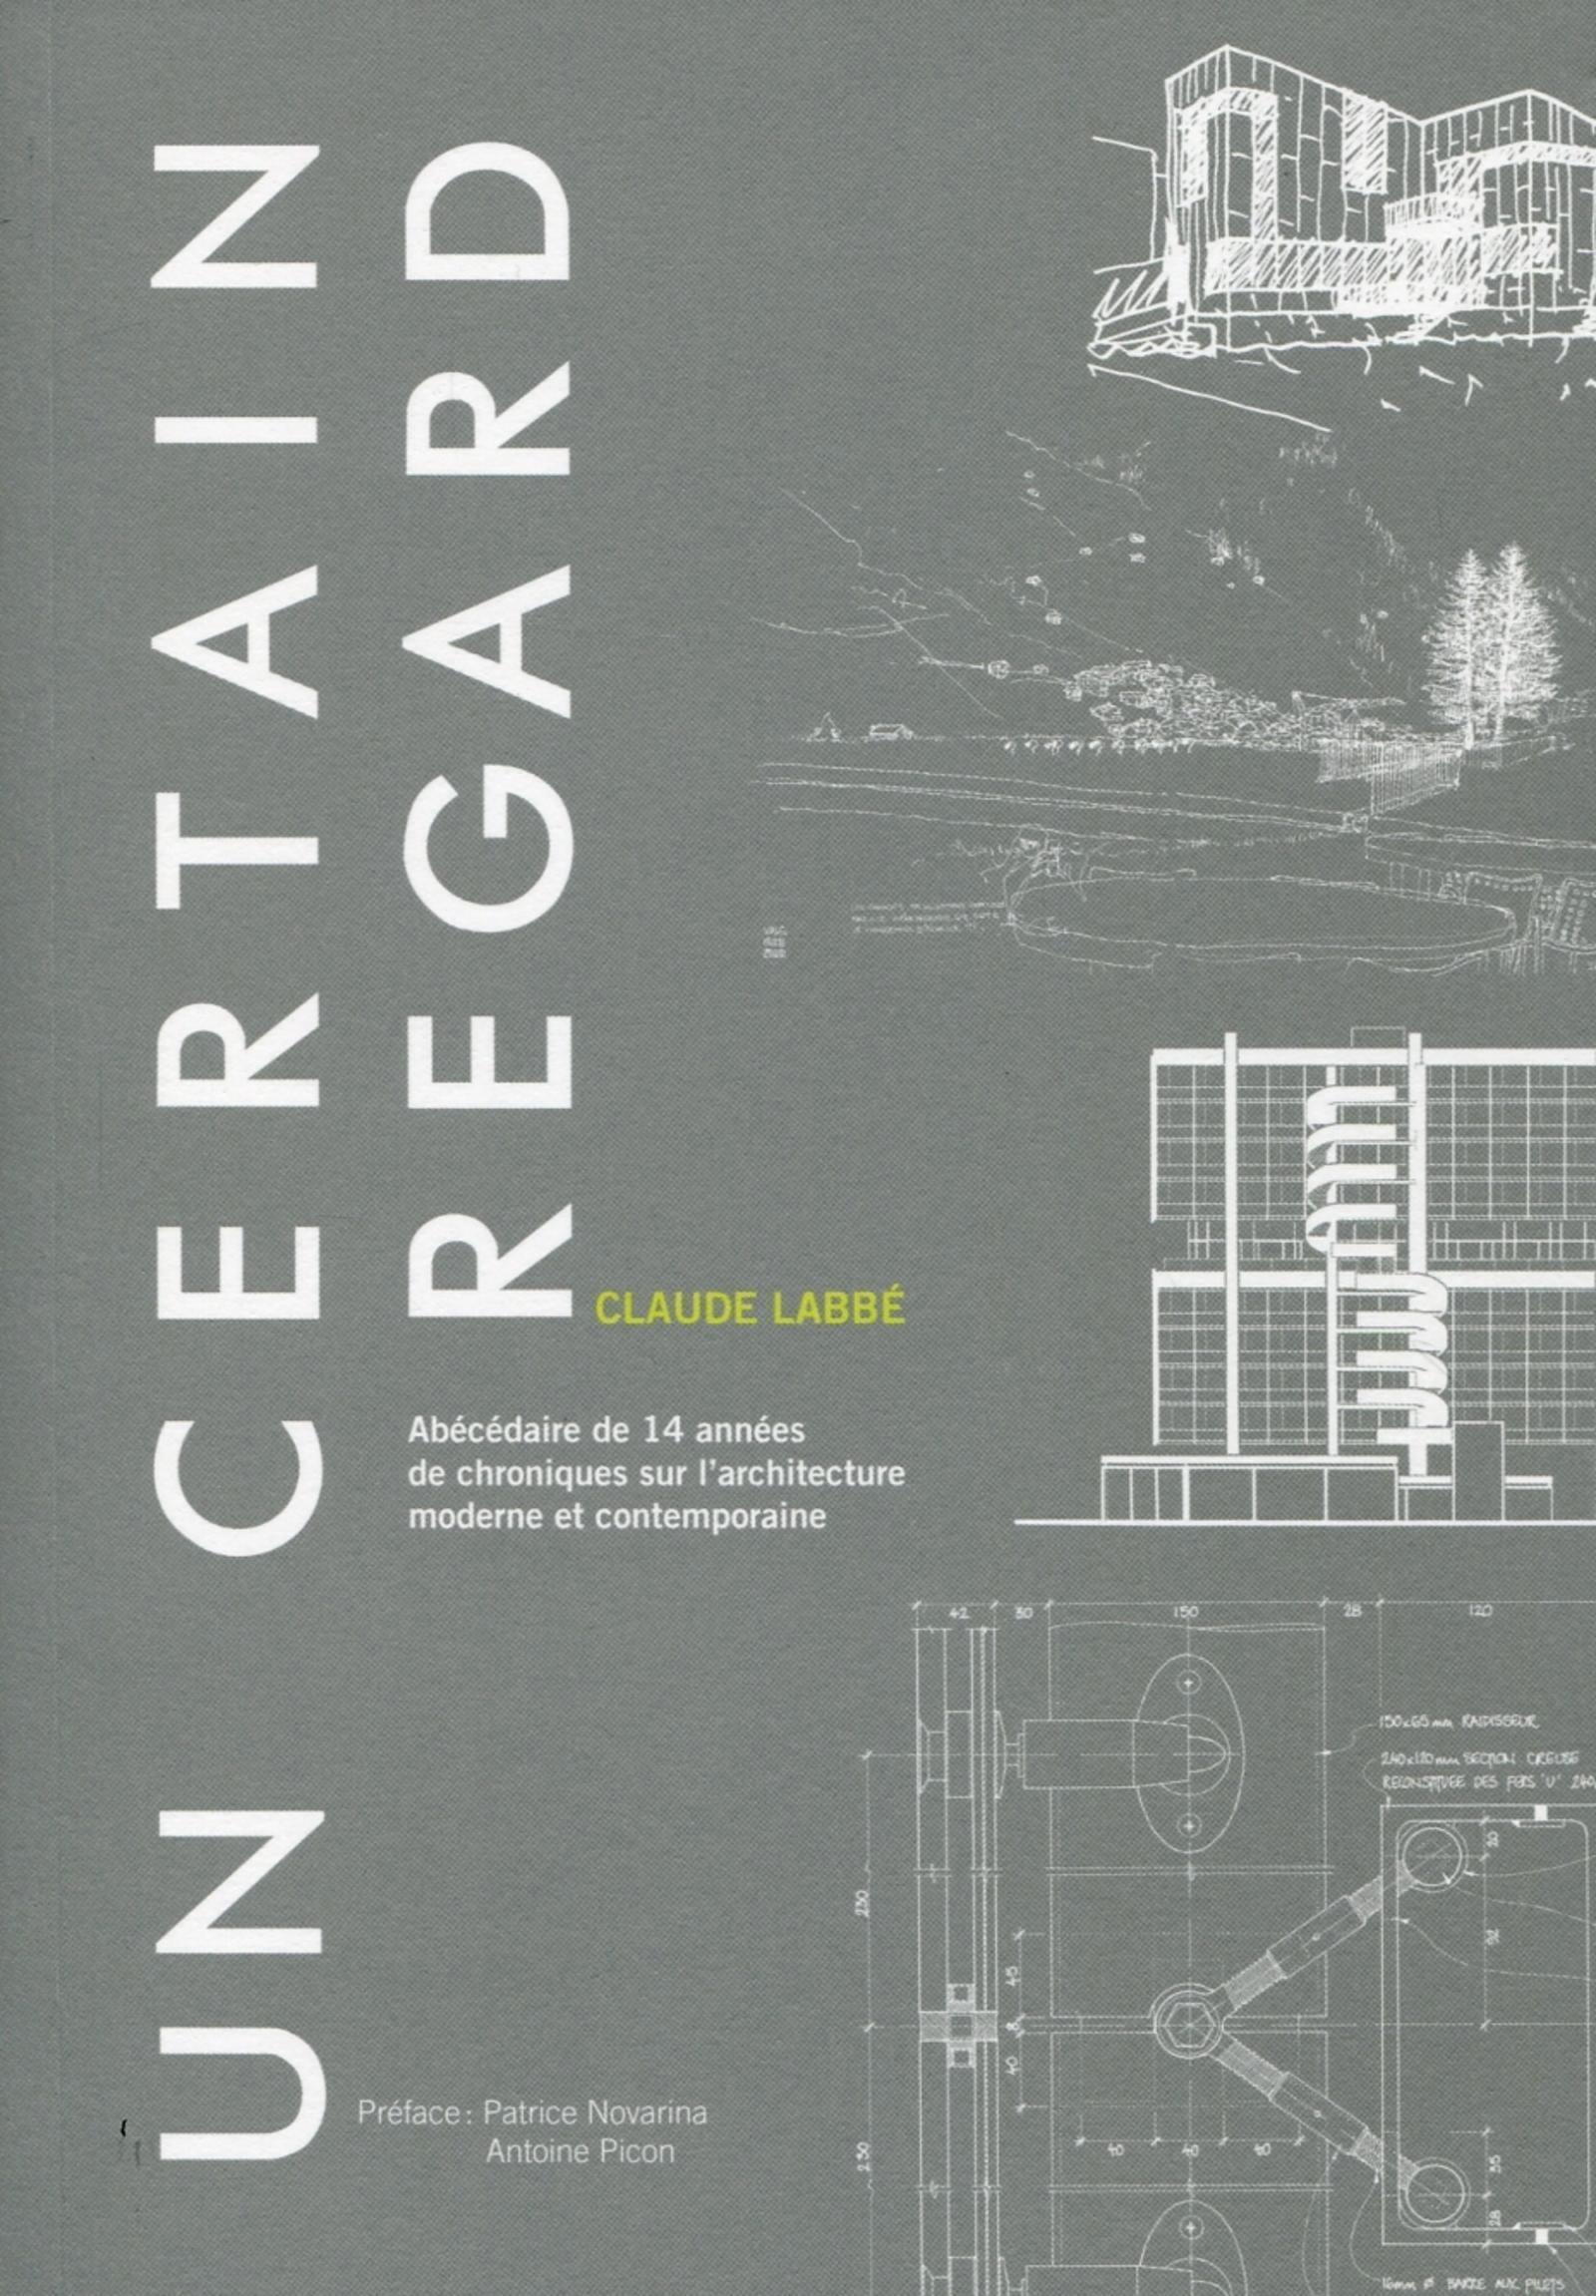 UN CERTAIN REGARD. ABECEDAIRE DE 14 ANNEES DE CHRONIQUES SURL'ARCHITECTURE MODER - ABECEDAIRE DE 14